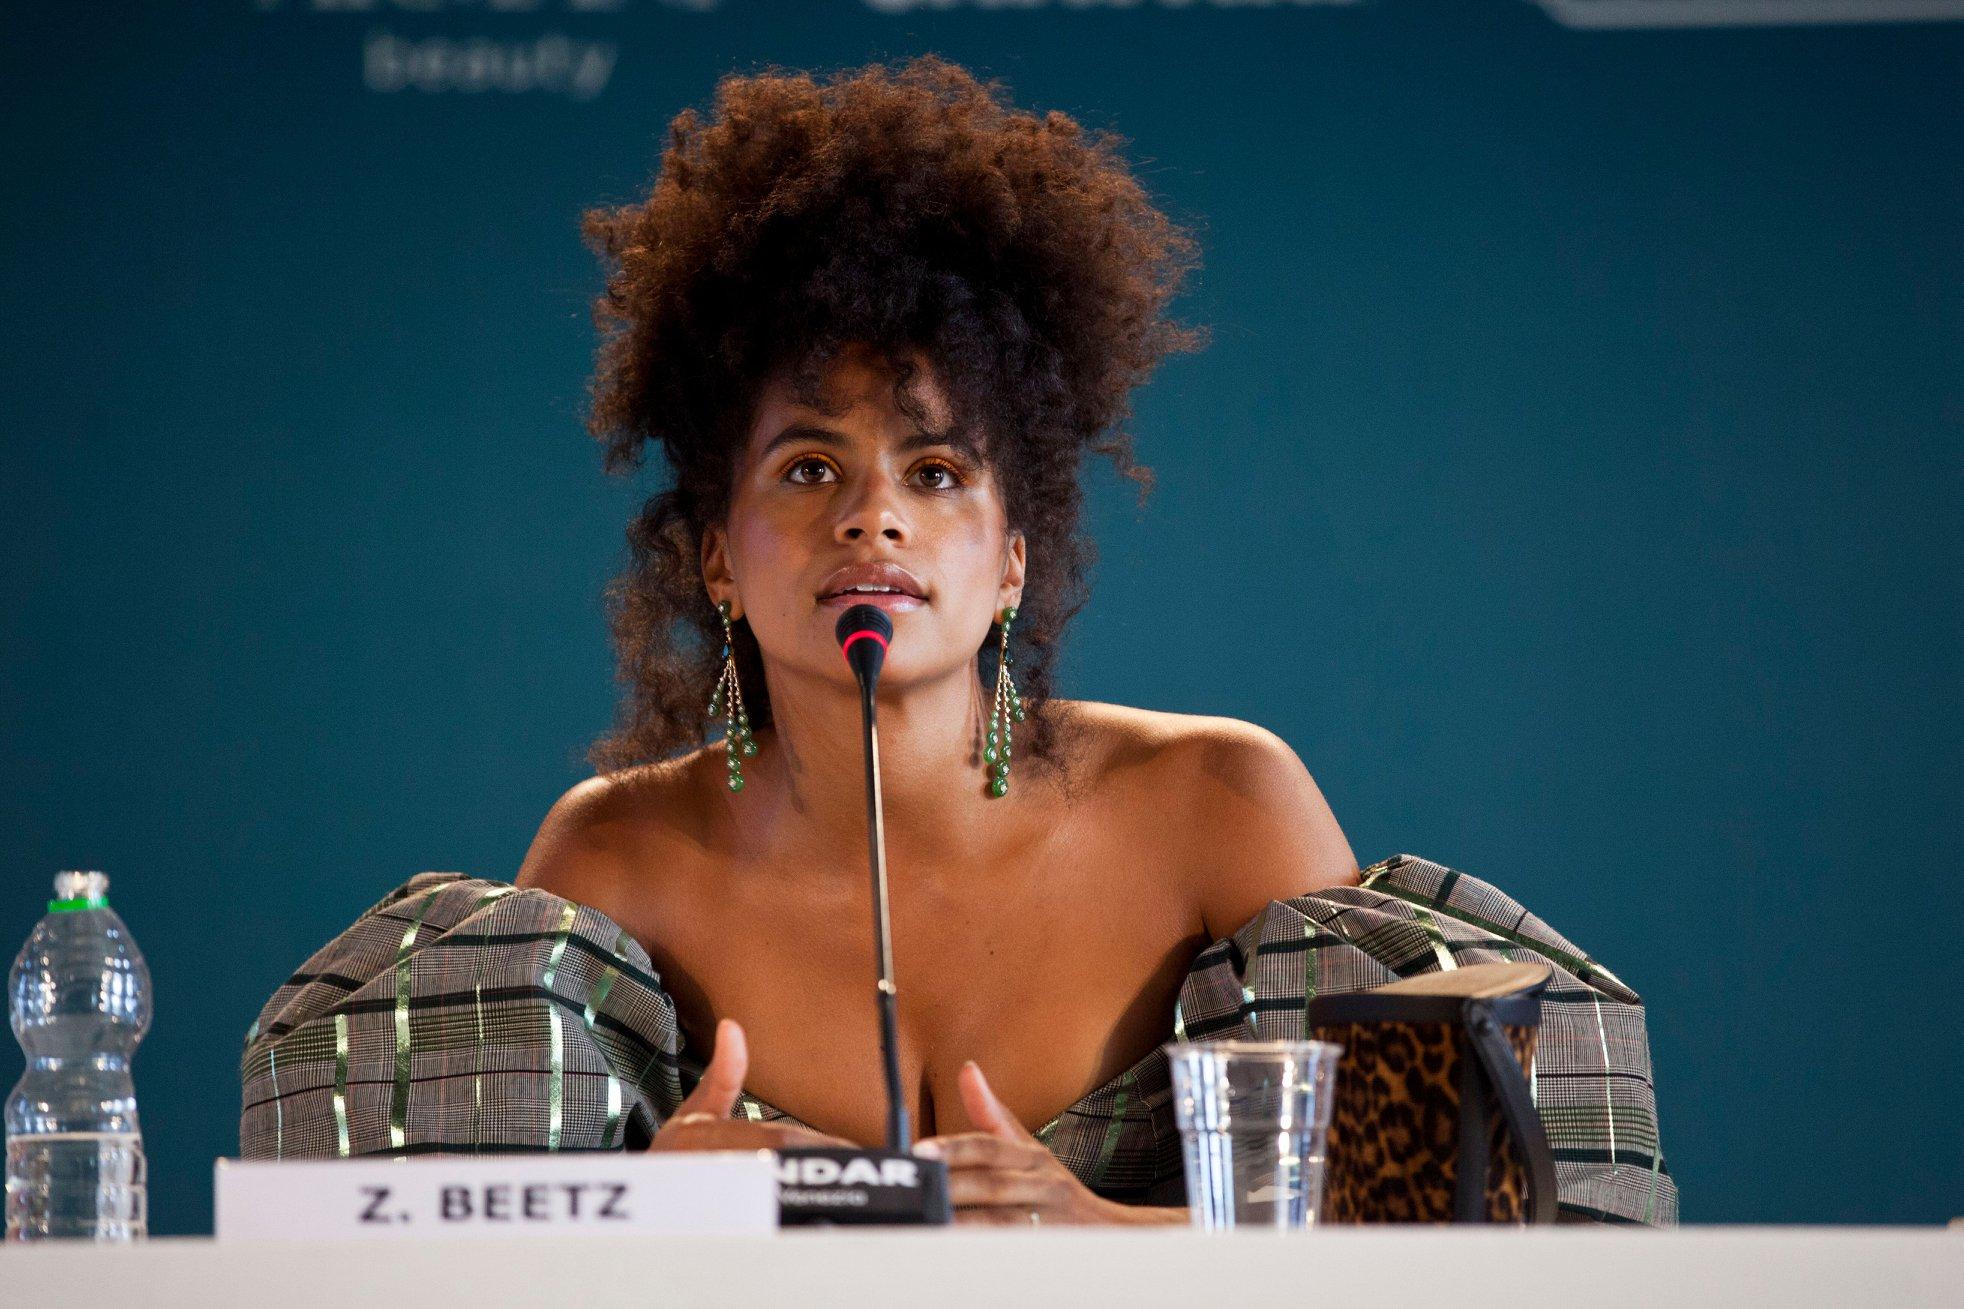 Zazie Beetz Conferenza Stampa per Joker film in concorso al Festival del cinema di Venezia 9